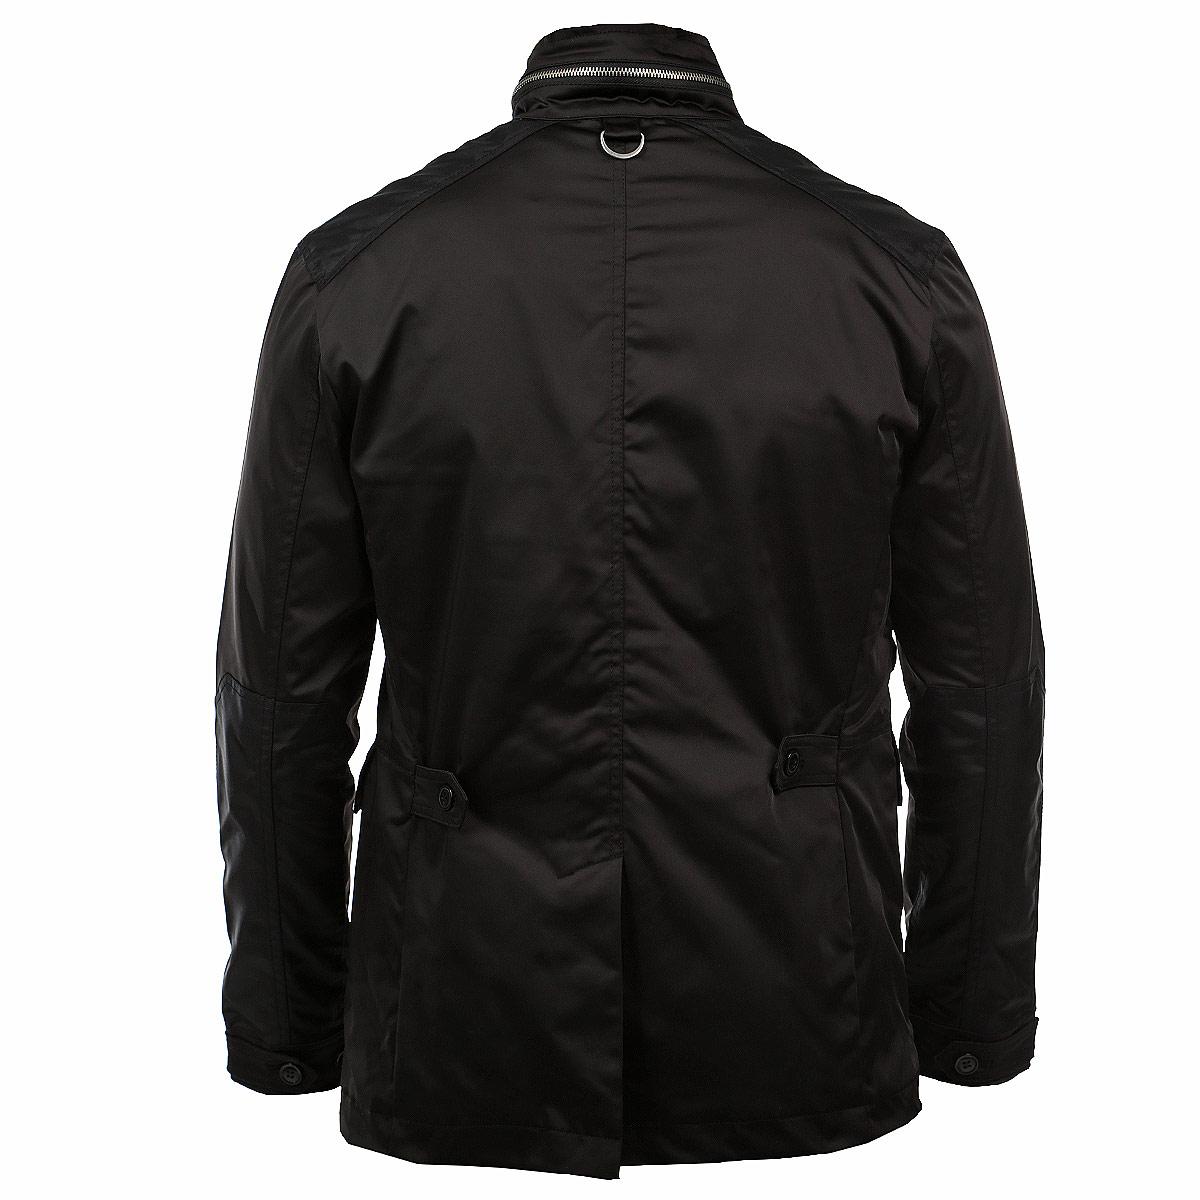 КурткаSKU0580CAСтильная удлиненная куртка Top Secret создана для современных мужчин. Модель выполнена из плотного непромокаемого материала на подкладке из полиэстера. Изделие прямого кроя с воротником-стойкой застегивается на металлическую молнию и имеет дополнительный ветрозащитный клапан на пуговицах. Воротник фиксируется небольшим ремешком на пряжку. Модель дополнена по бокам тремя втачными карманами с клапанами и четырьмя карманами на молниях. С изнаночной стороны предусмотрен потайной карман на пуговице. Манжеты застегиваются при помощи хлястиков на пуговицы. На спинке внизу изделия расположен небольшой разрез, который фиксируется на две кнопки. В такой куртке вам будет максимально комфортно в прохладную погоду. Модный дизайн и великолепное качество исполнения.